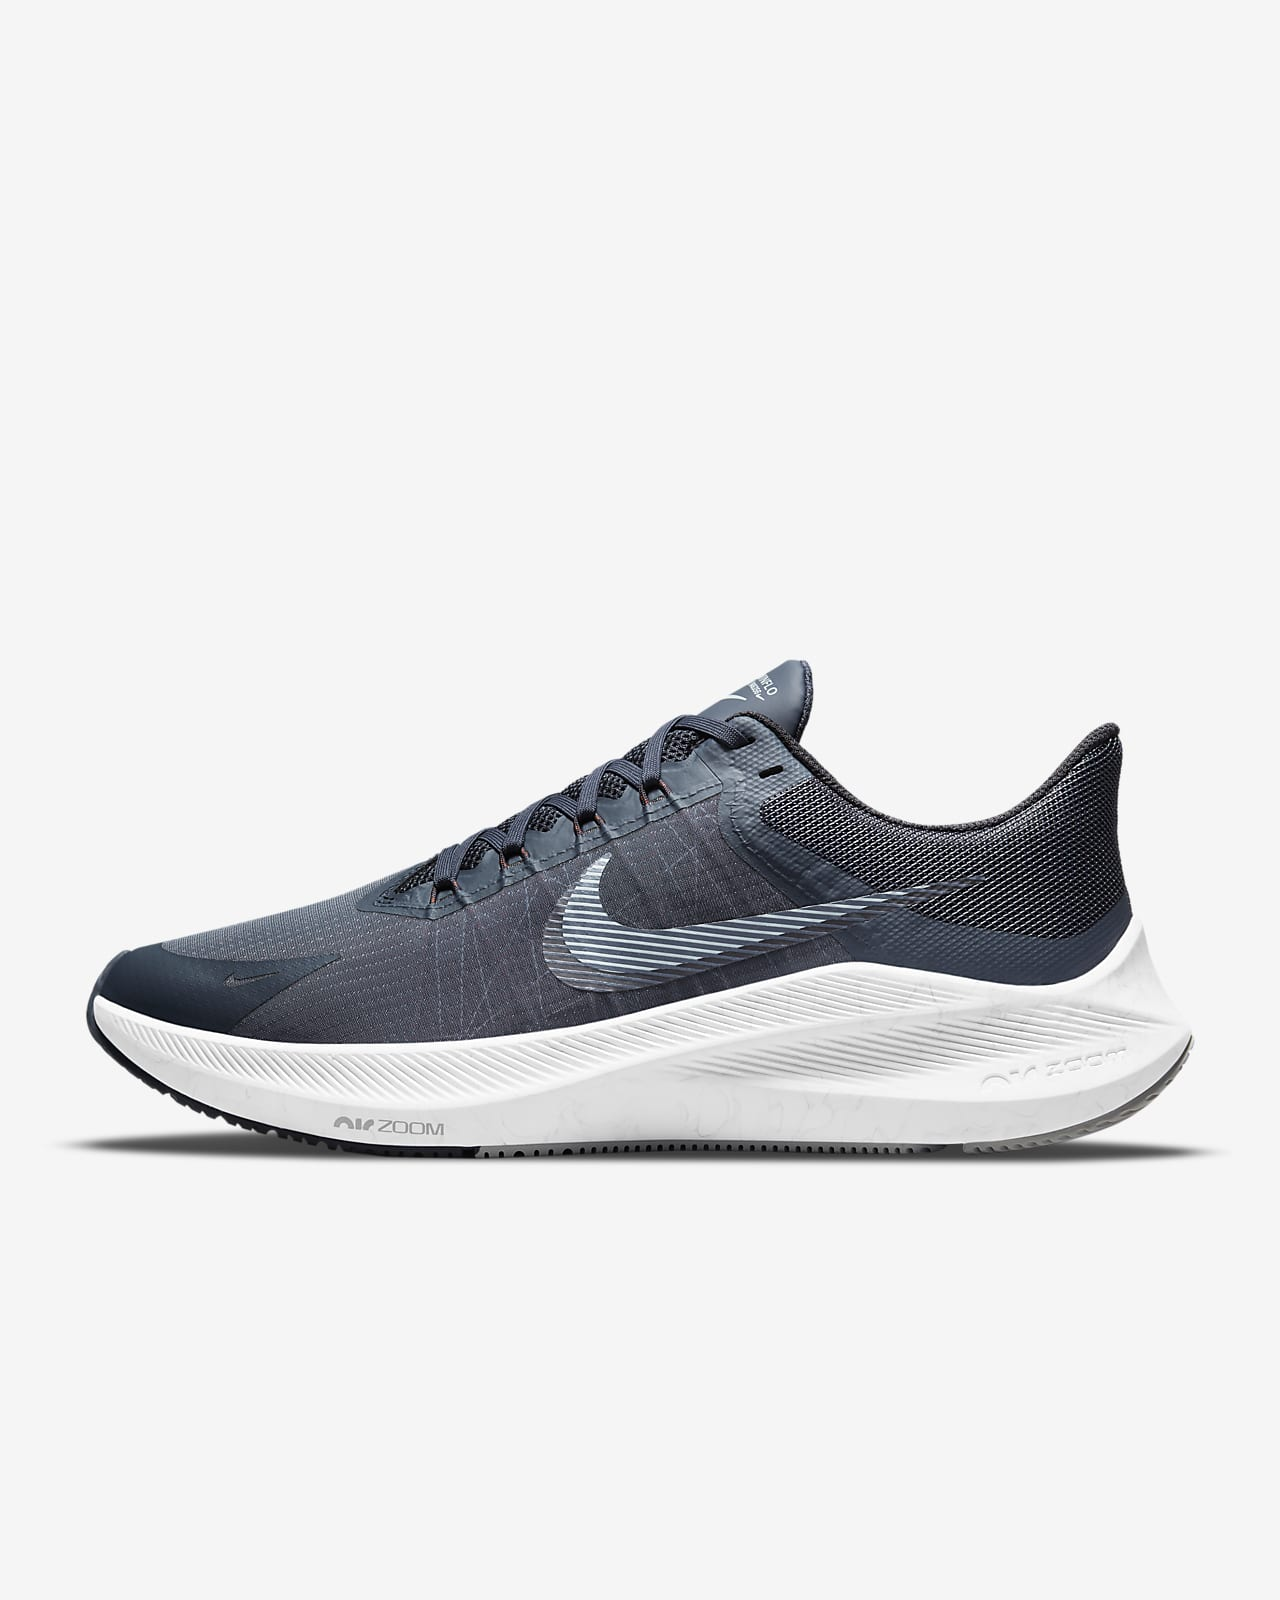 Nike Winflo 8 Men's Running Shoes